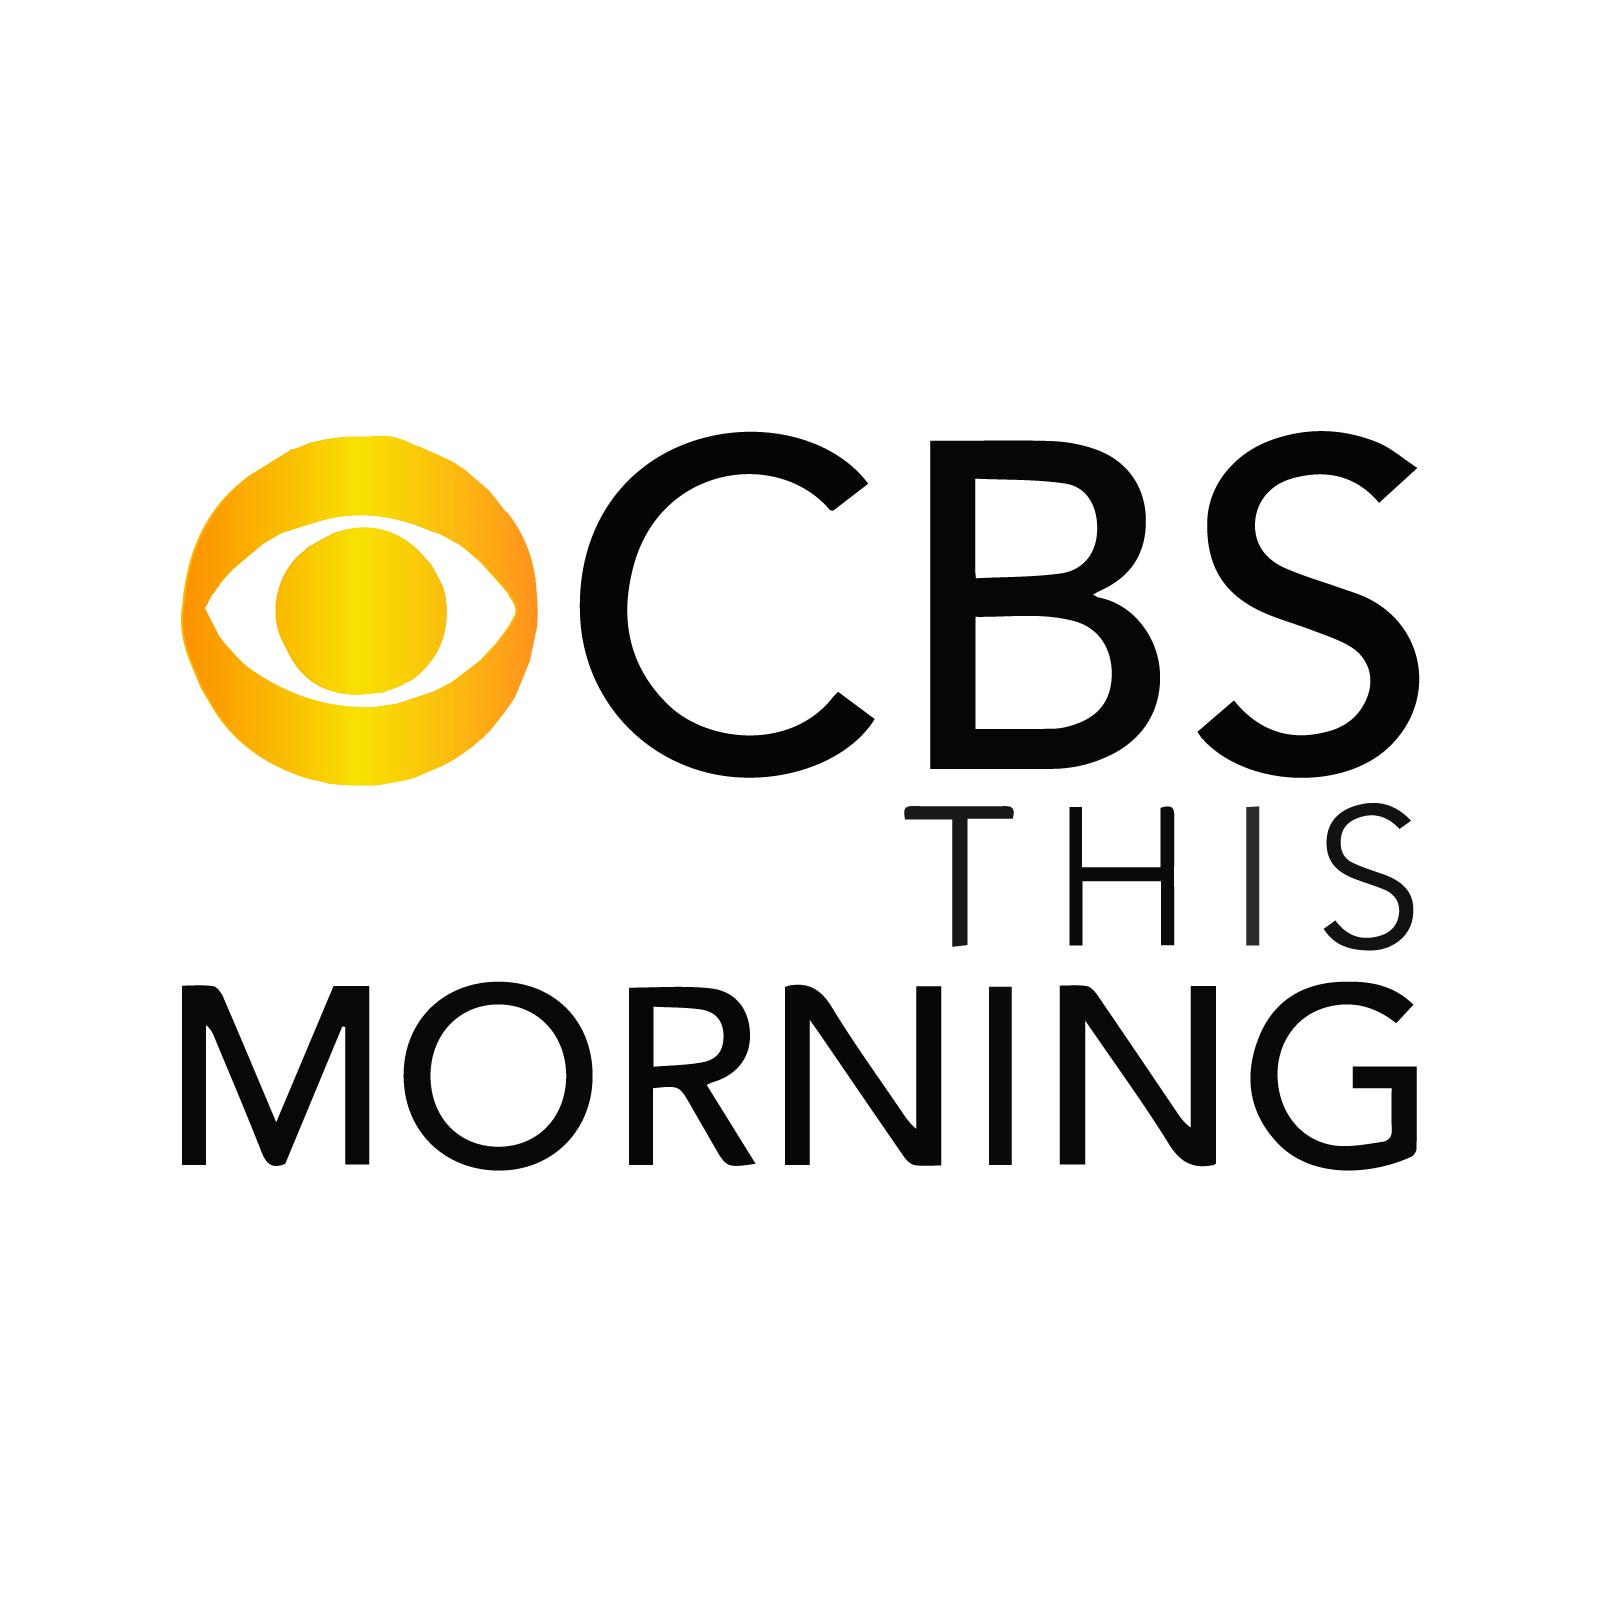 Press Logos_CBS This Morning.png